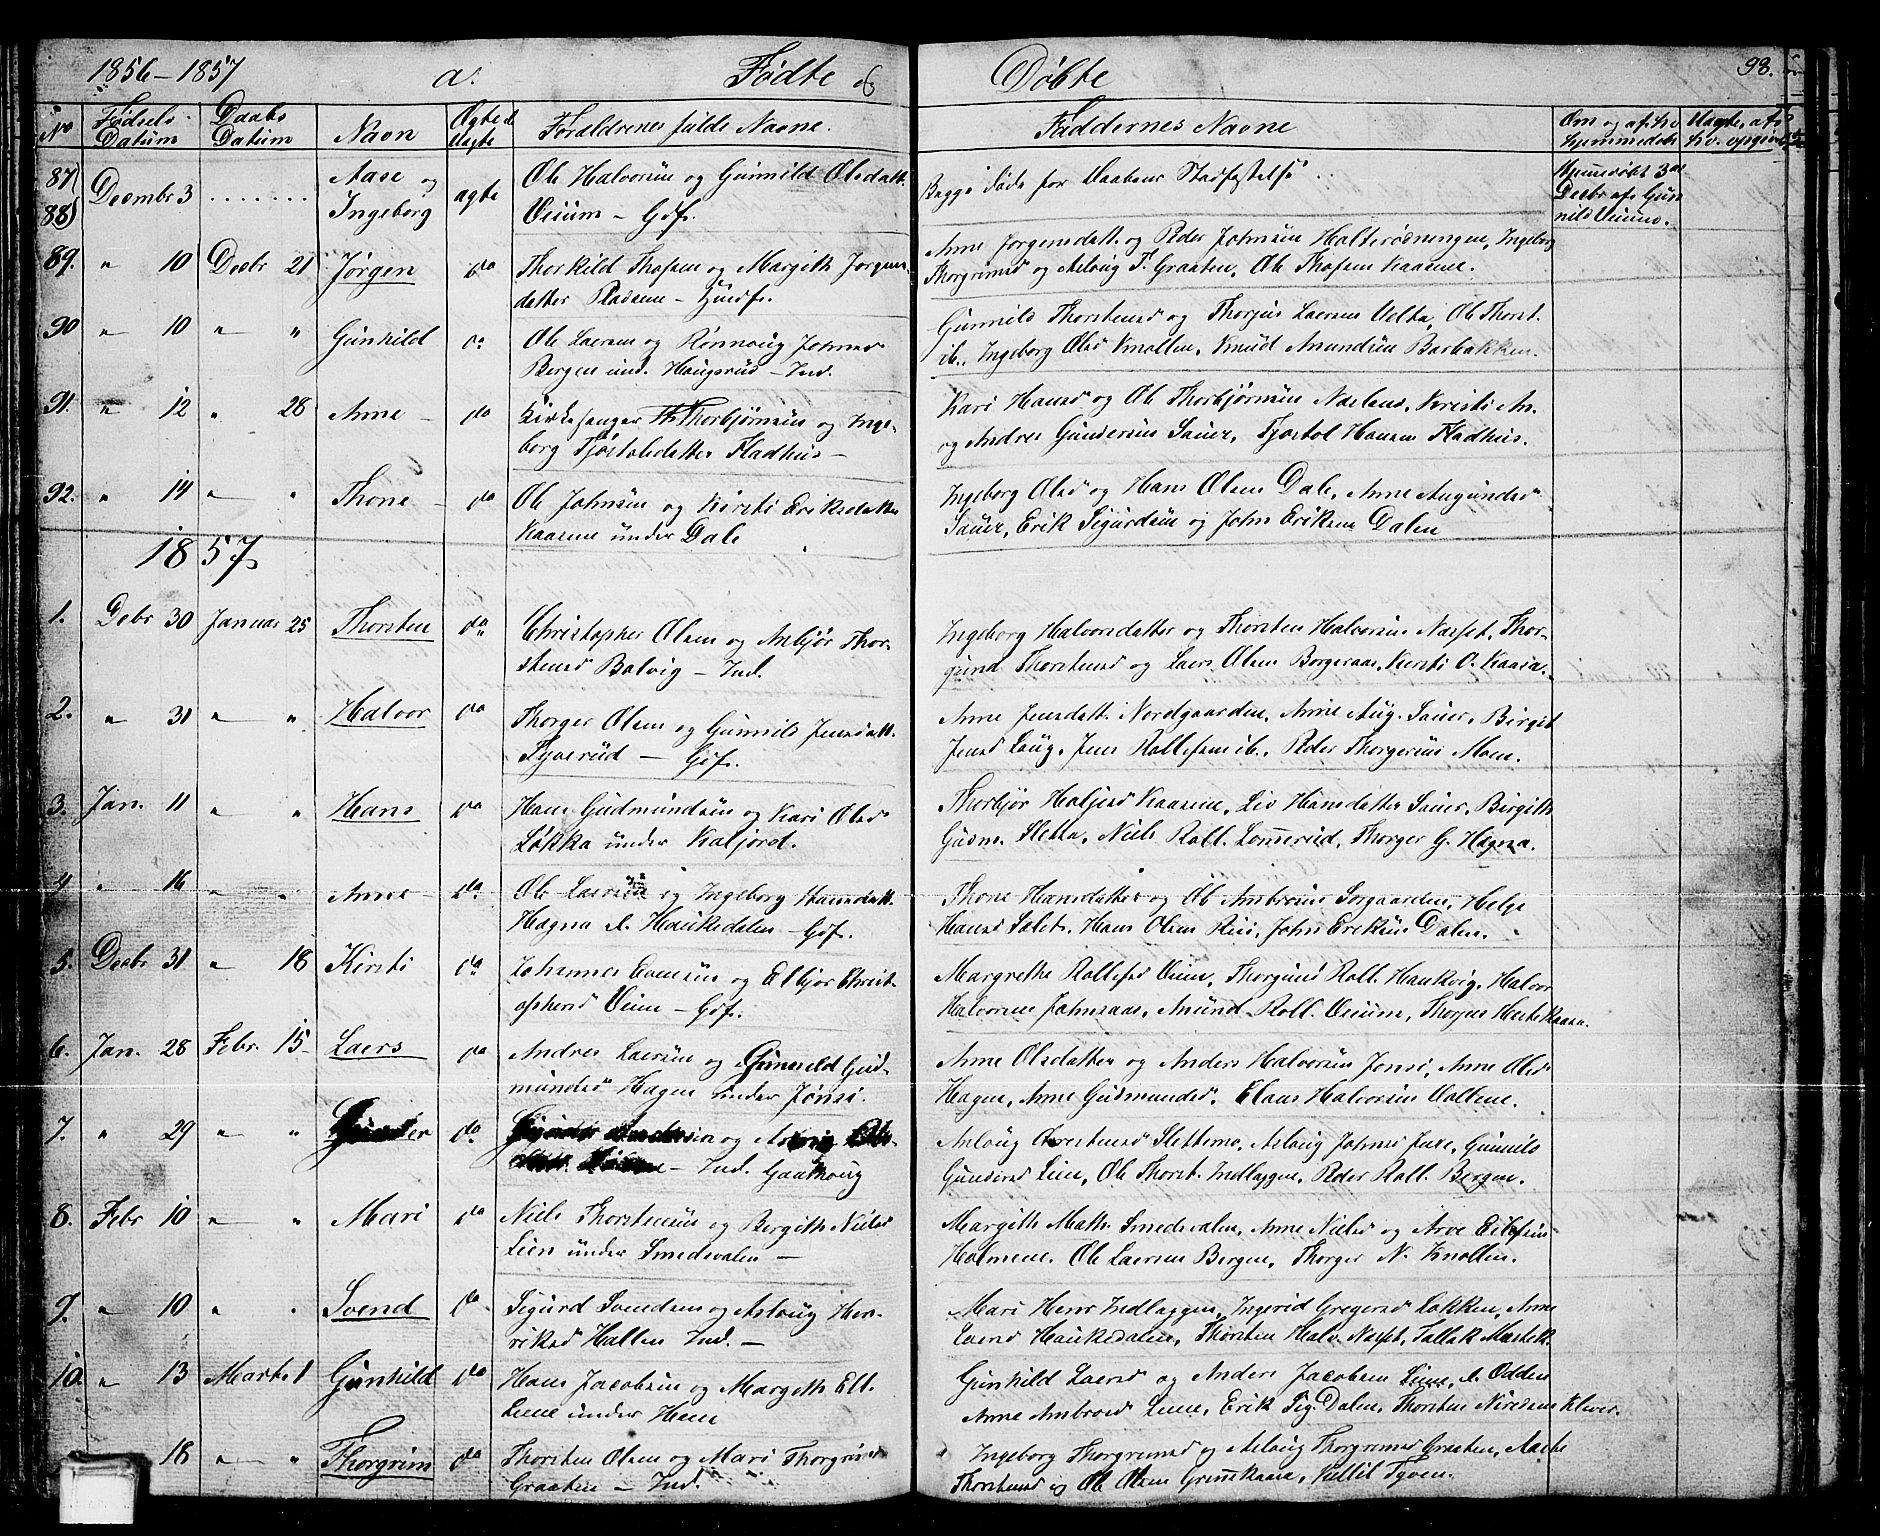 SAKO, Sauherad kirkebøker, G/Ga/L0002: Klokkerbok nr. I 2, 1842-1866, s. 93